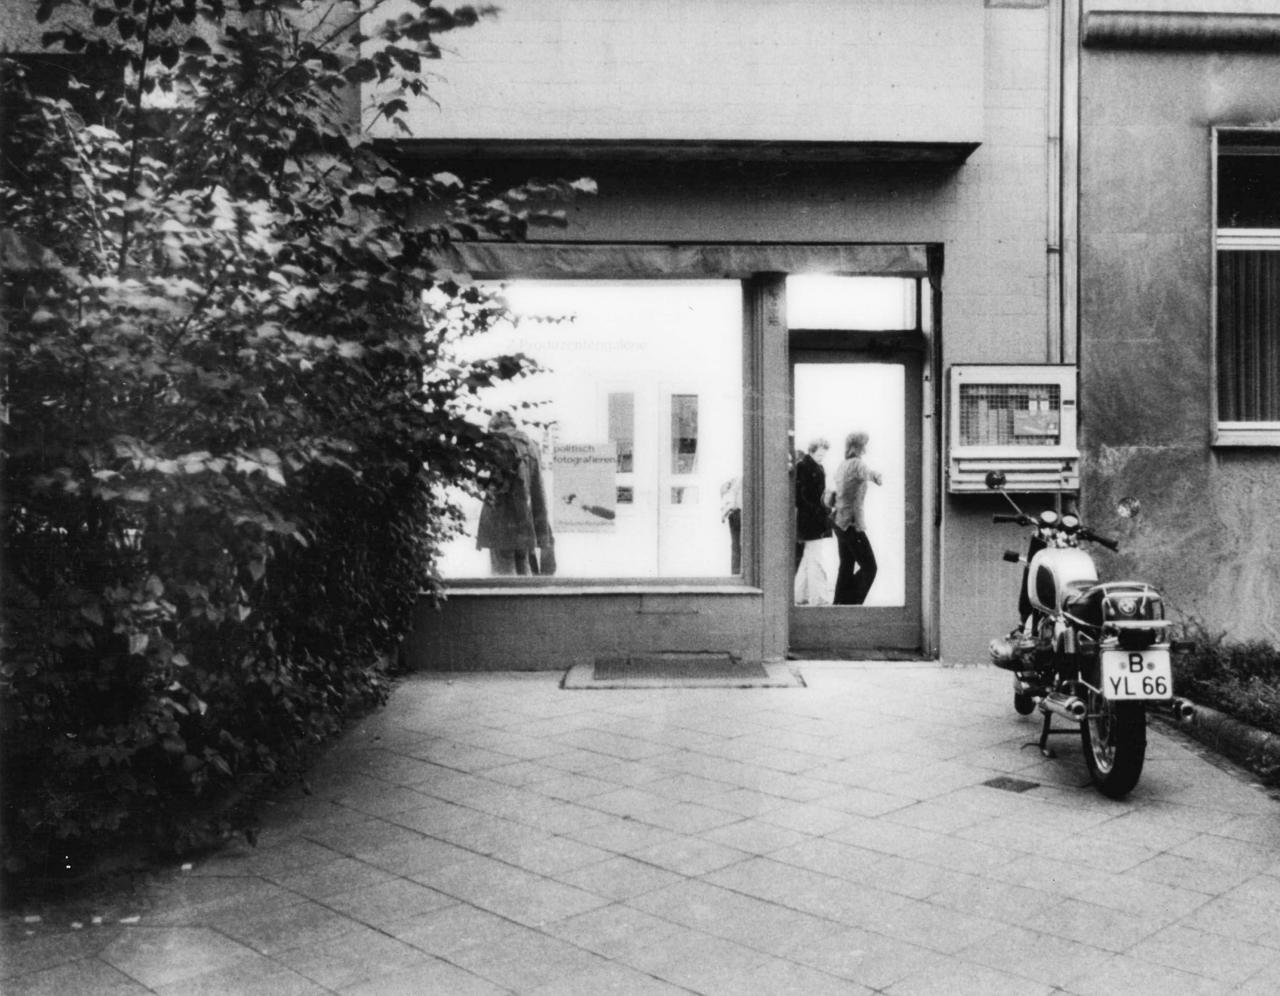 Schwarz-weiß Foto zeigt die Straßenansicht eines Galerieraum. Davor steht ein Motorrad.